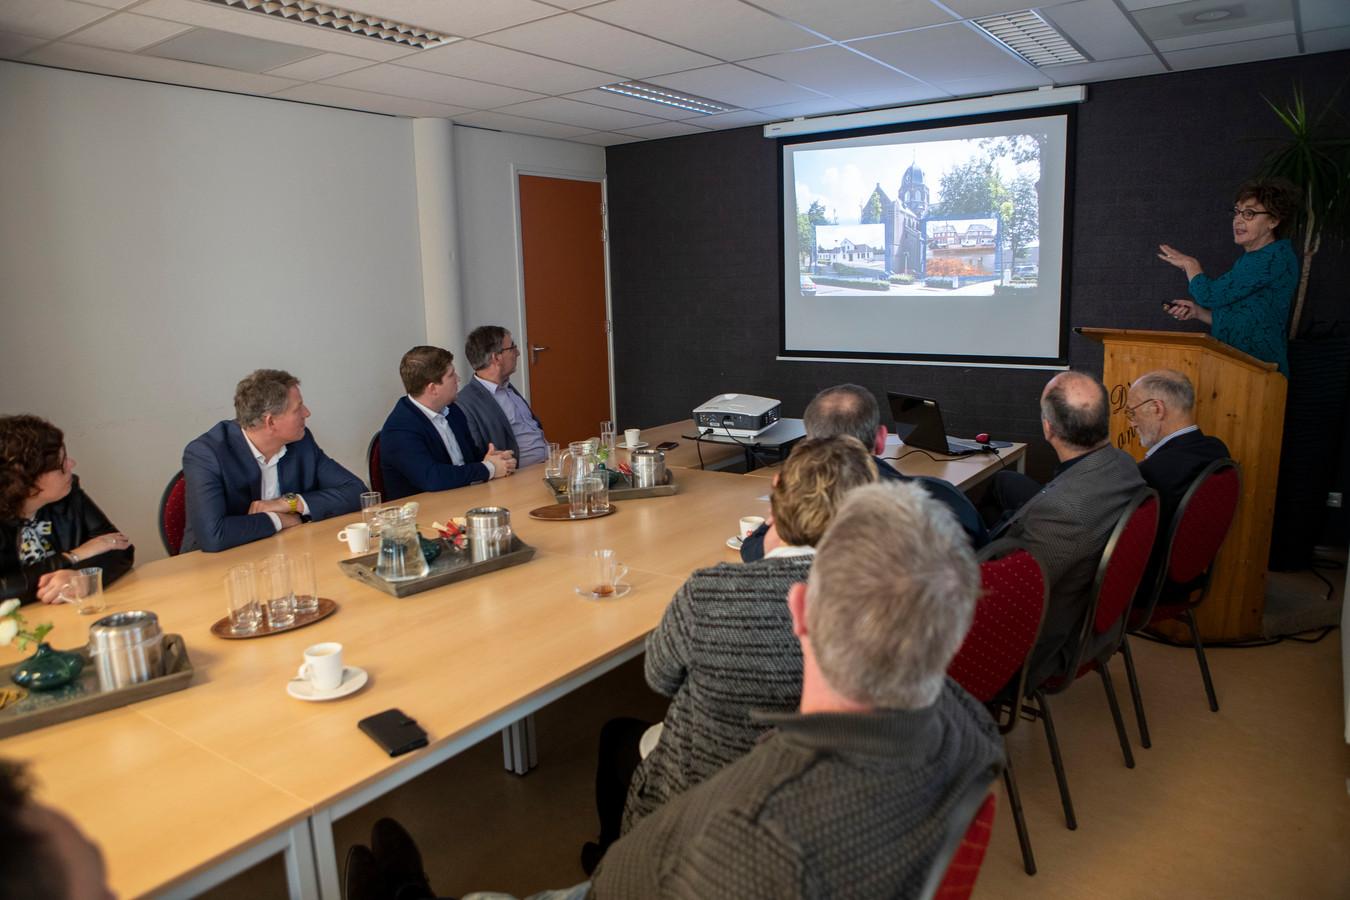 De dorpsraad van Hoogeloon maakt kennis met burgemeester Remco Bosma in gemeenschapshuis D'n Aanloôp.